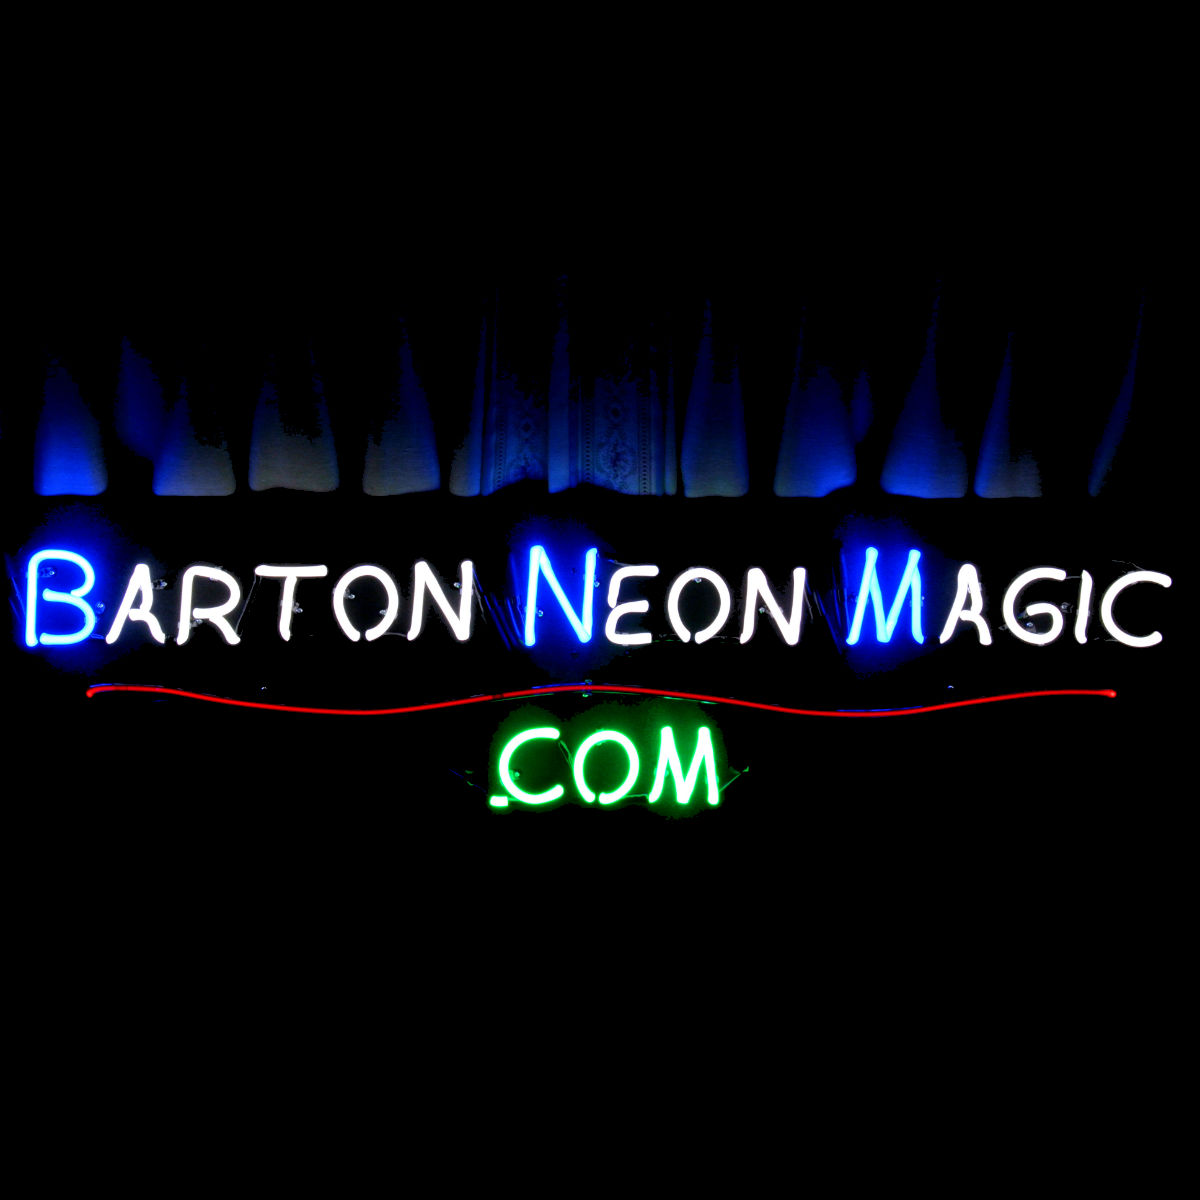 Packard Neon Dealership Signs by John Barton - former Packard New Car Dealer - BartonNeonMagic.com